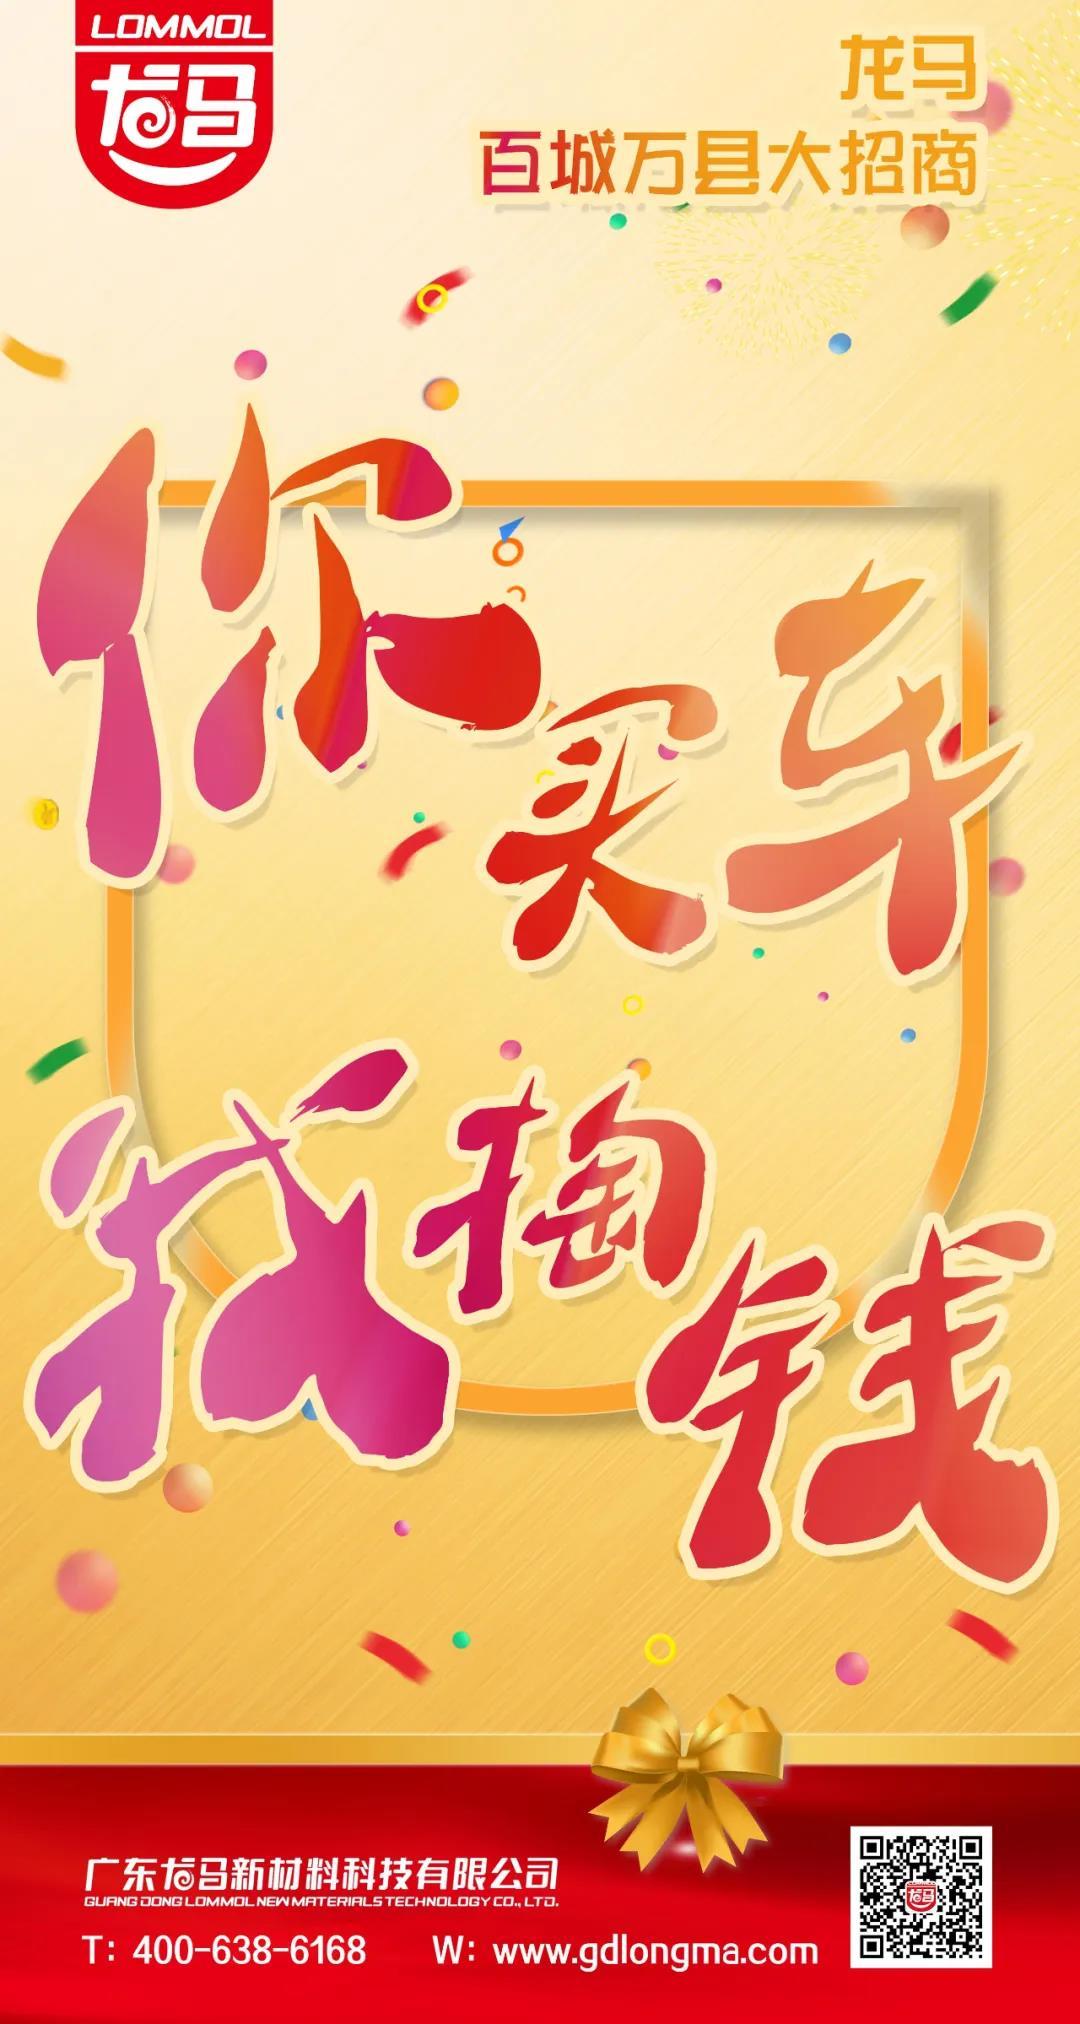 寰俊鍥剧墖_20200401101607.jpg